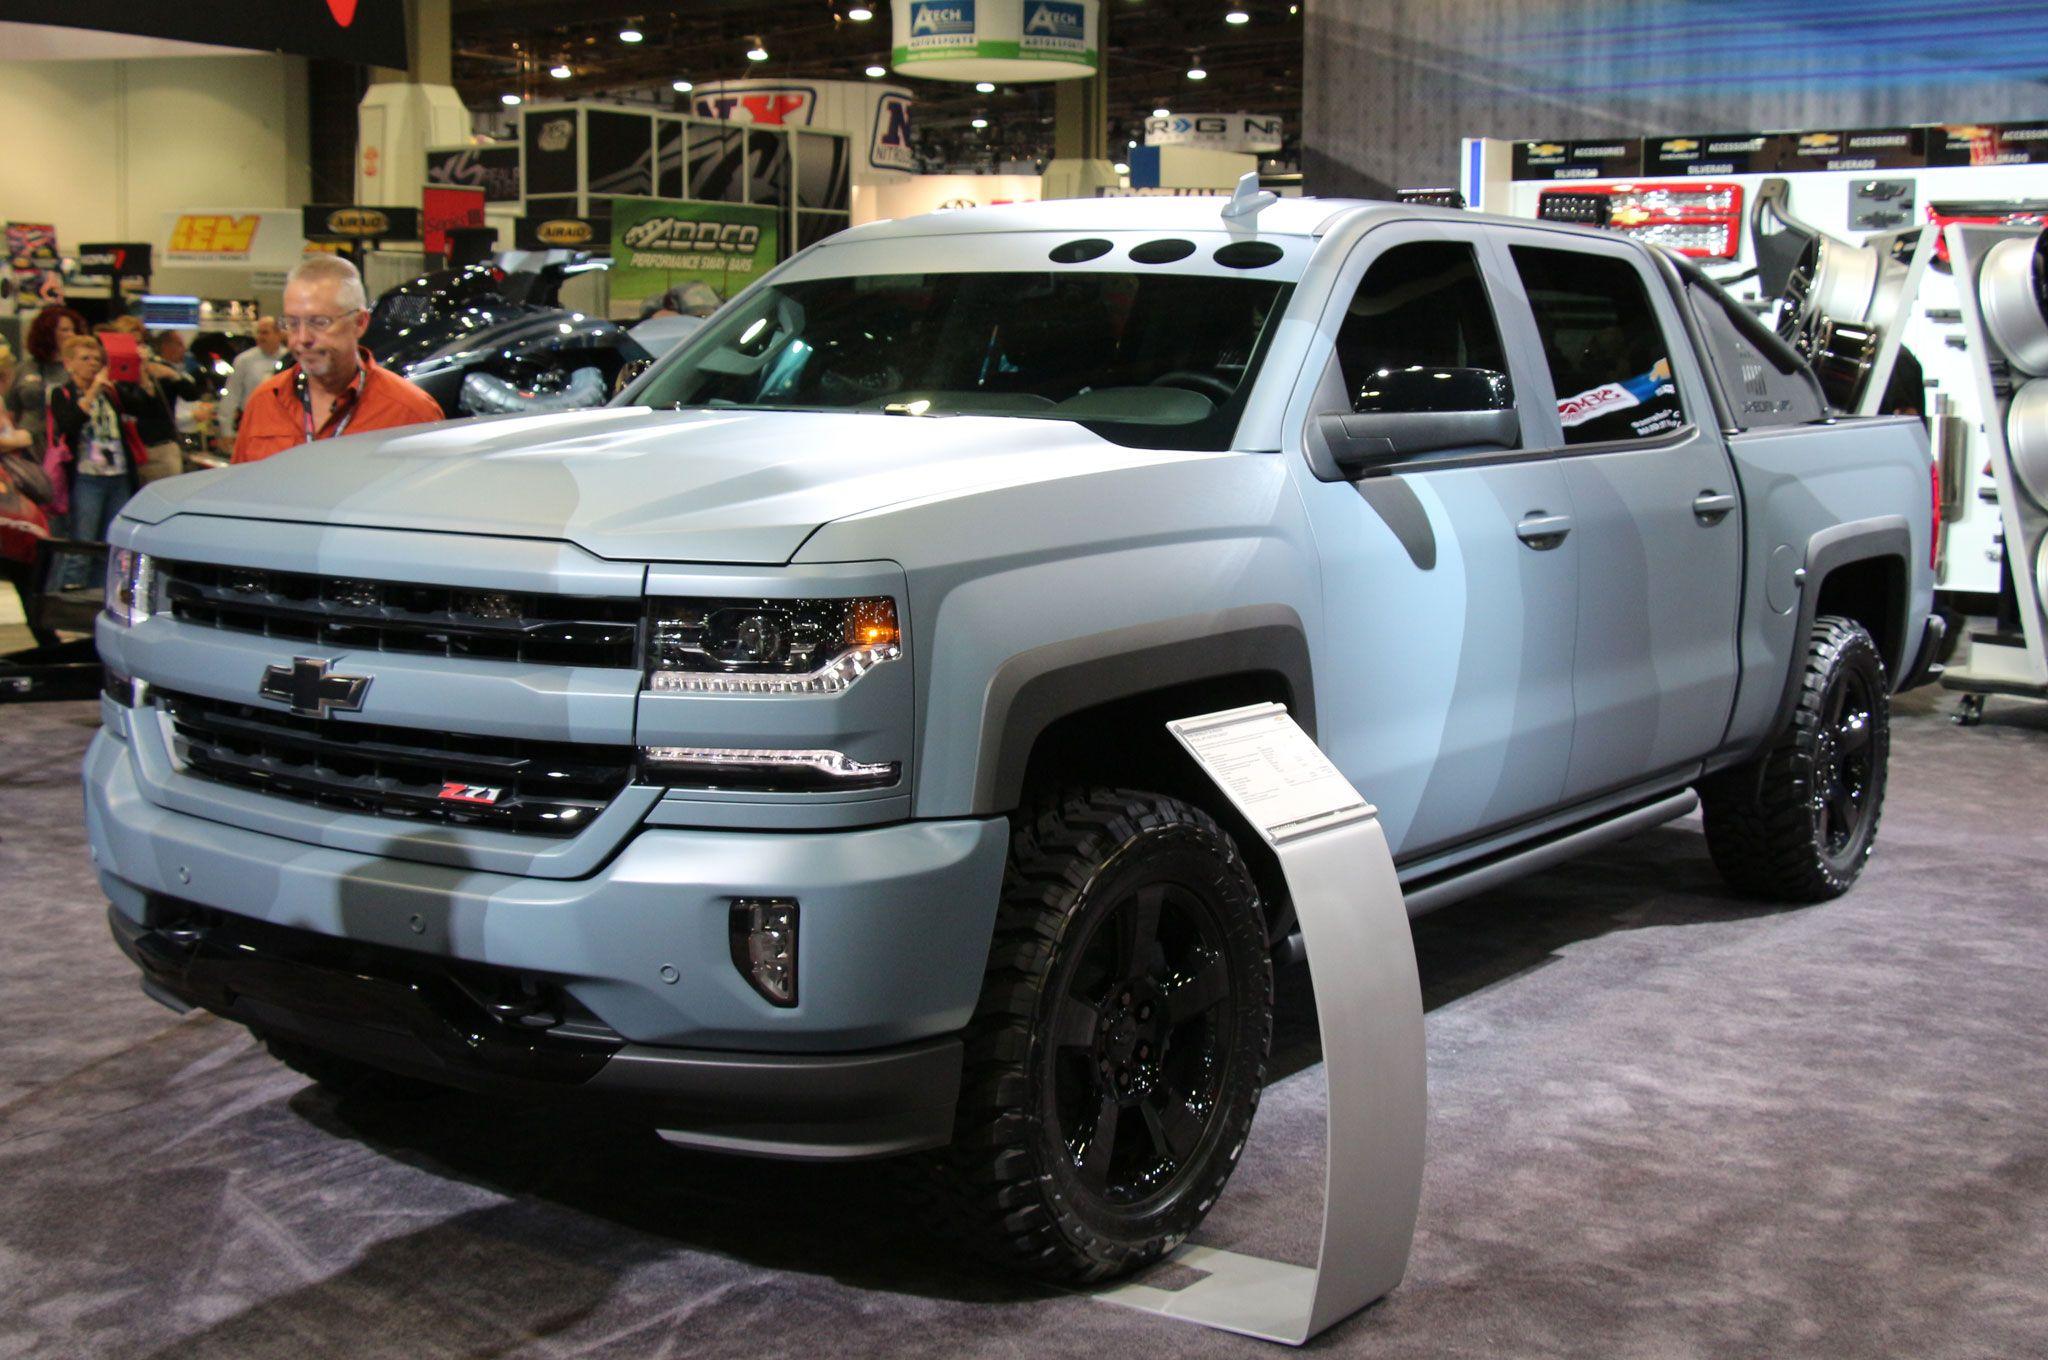 chevrolet silverado special ops concept custom trucks pinterest special ops chevrolet. Black Bedroom Furniture Sets. Home Design Ideas